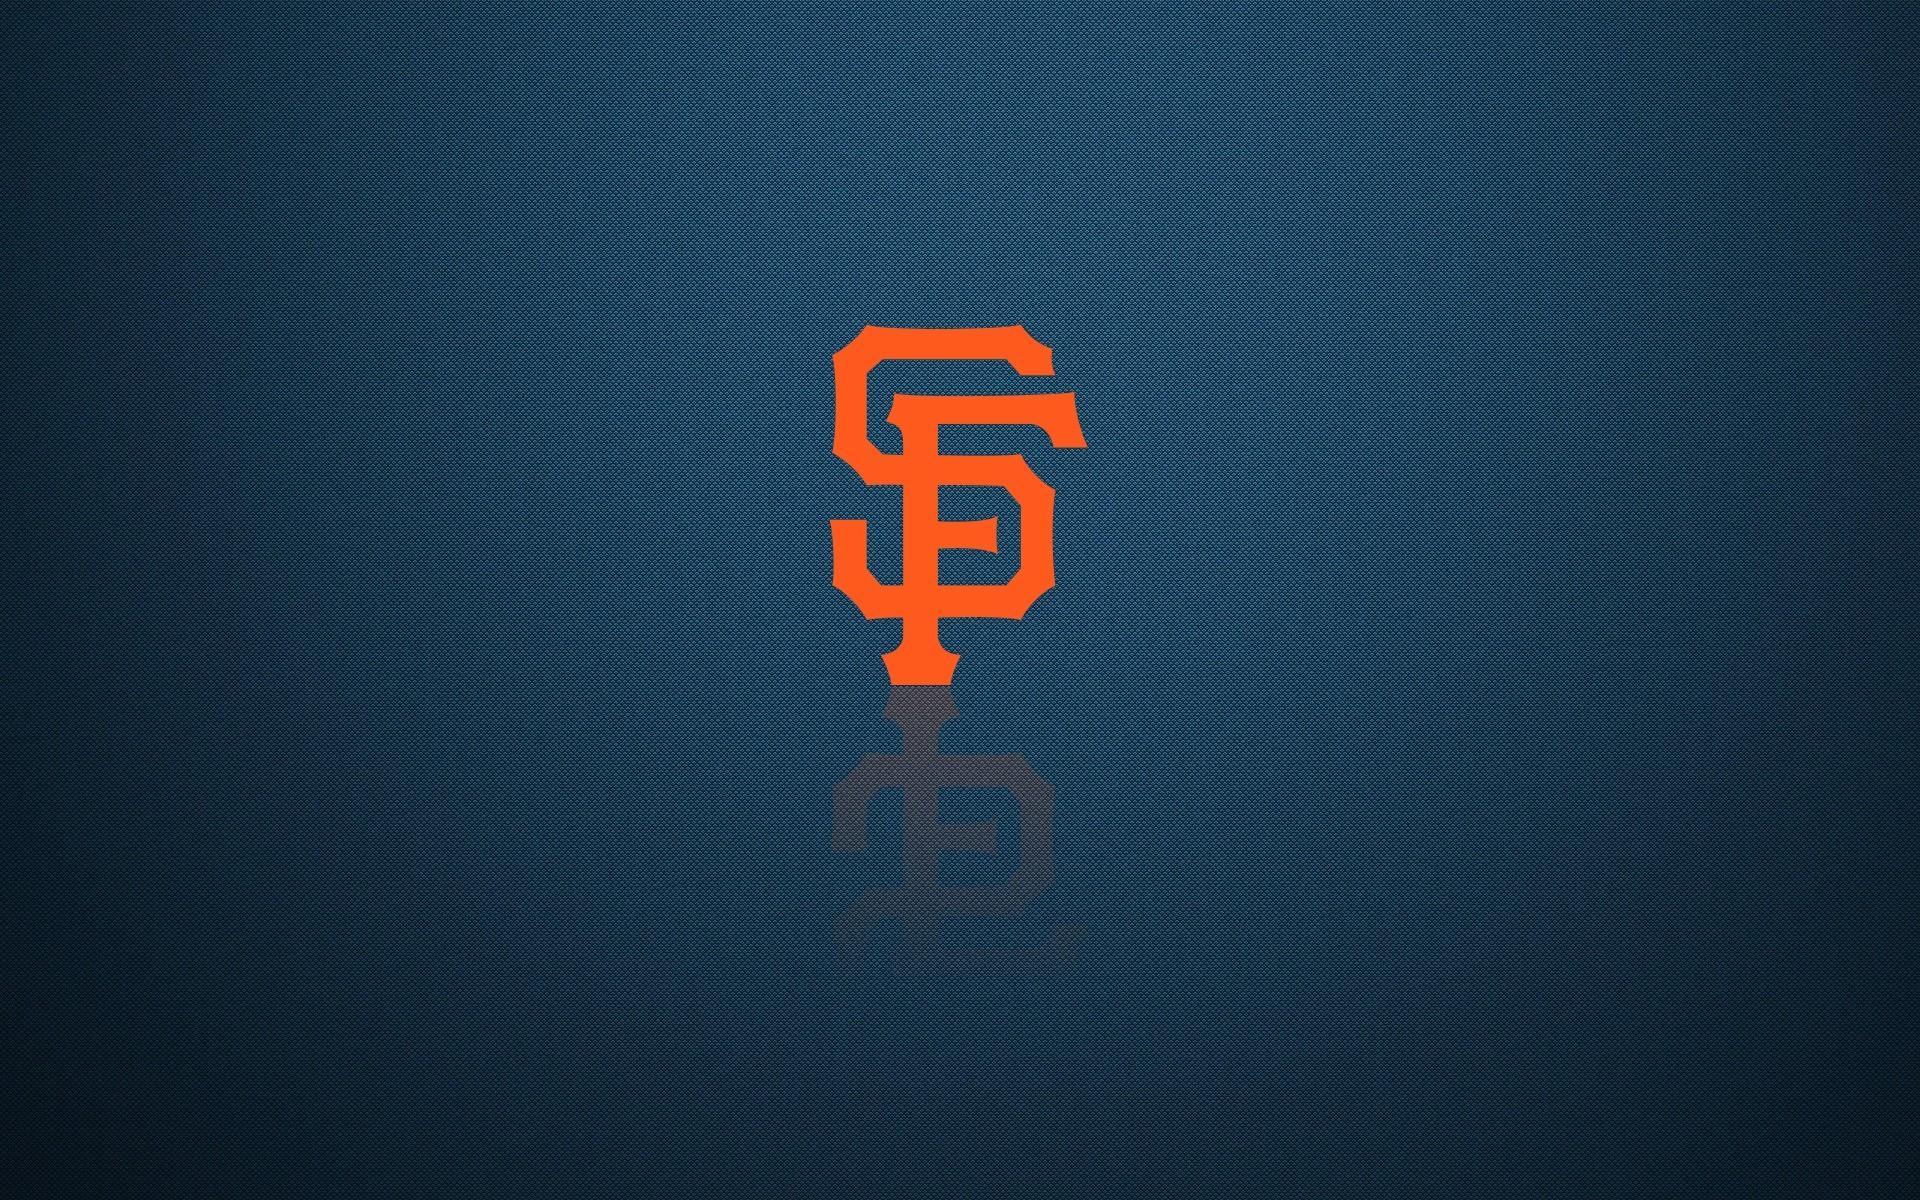 … san francisco giants wallpapers b1gbaseball com …